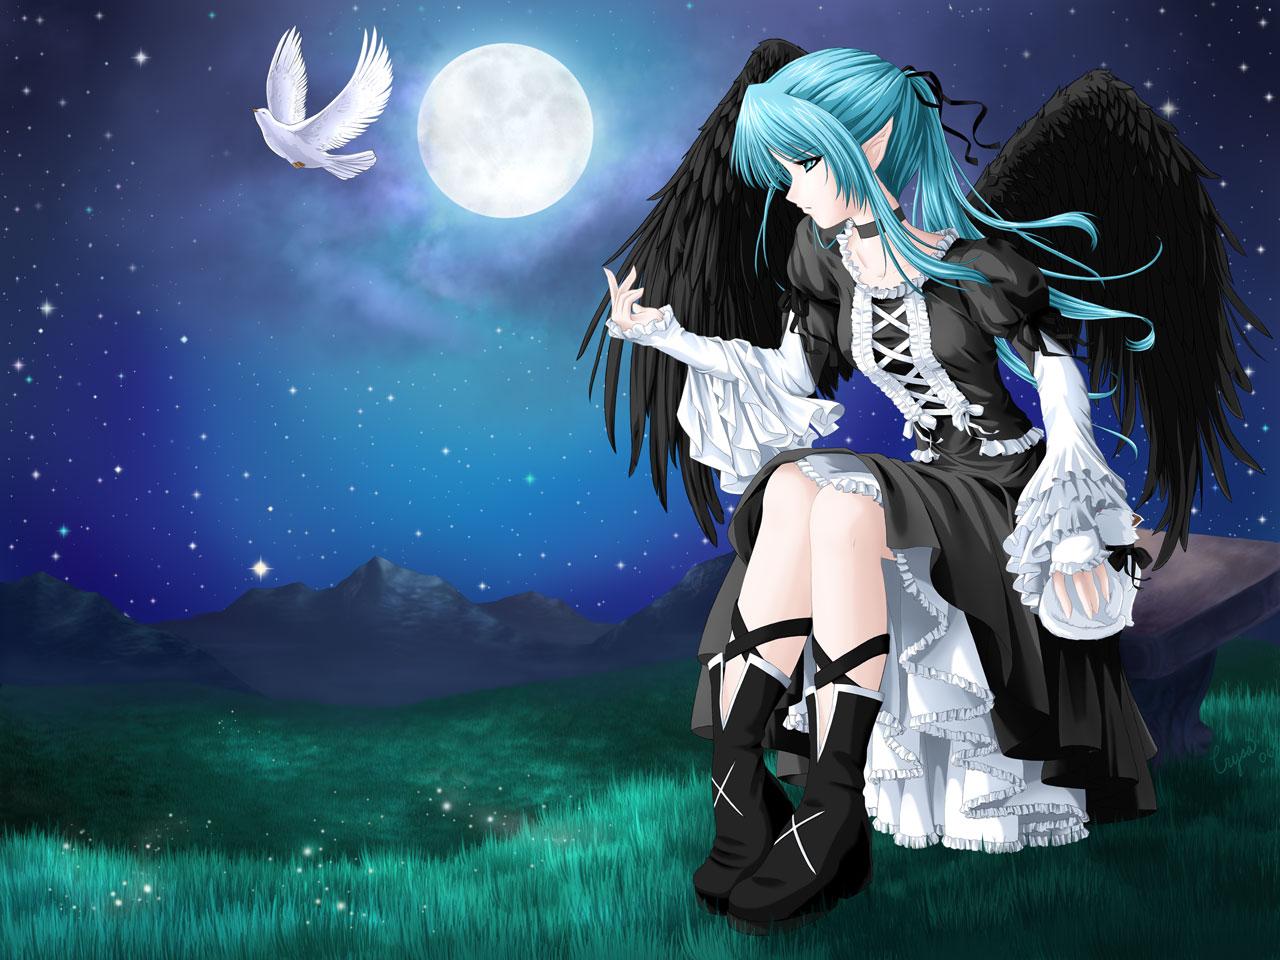 Anime 4k Wallpaper: Anime: Anime Angel